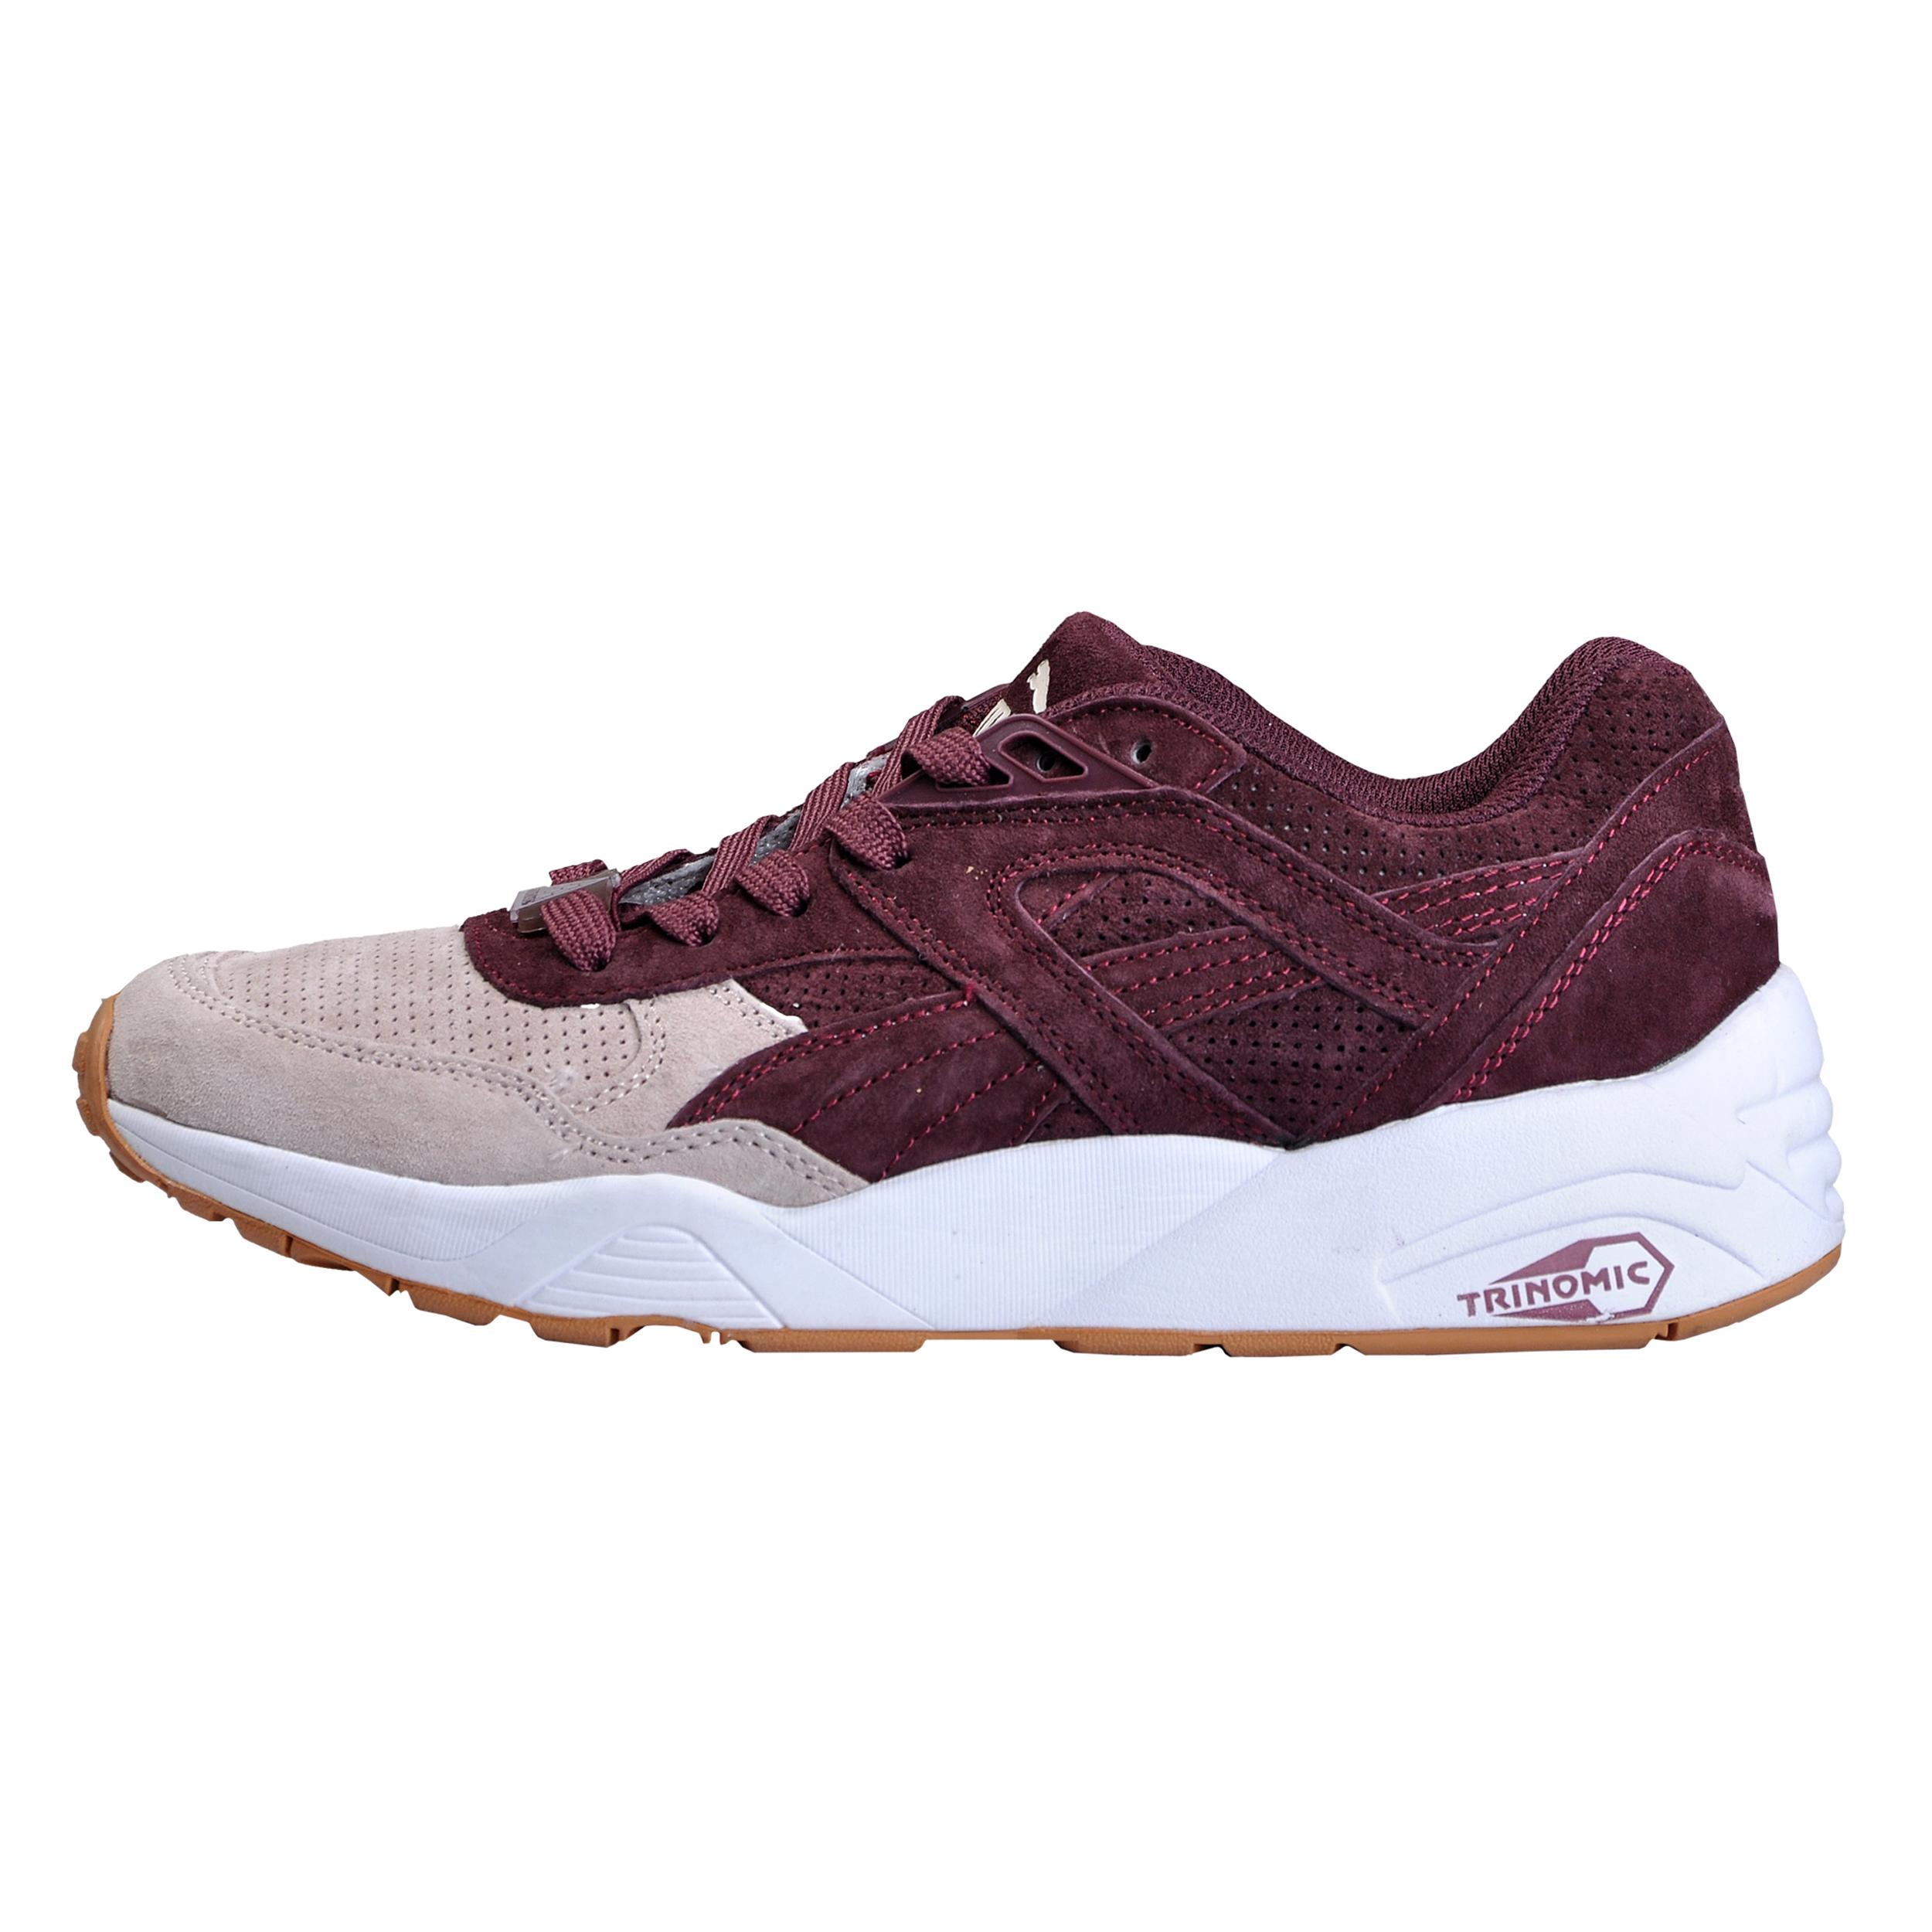 کفش مخصوص پیاده روی مردانه پوما مدل trinomic